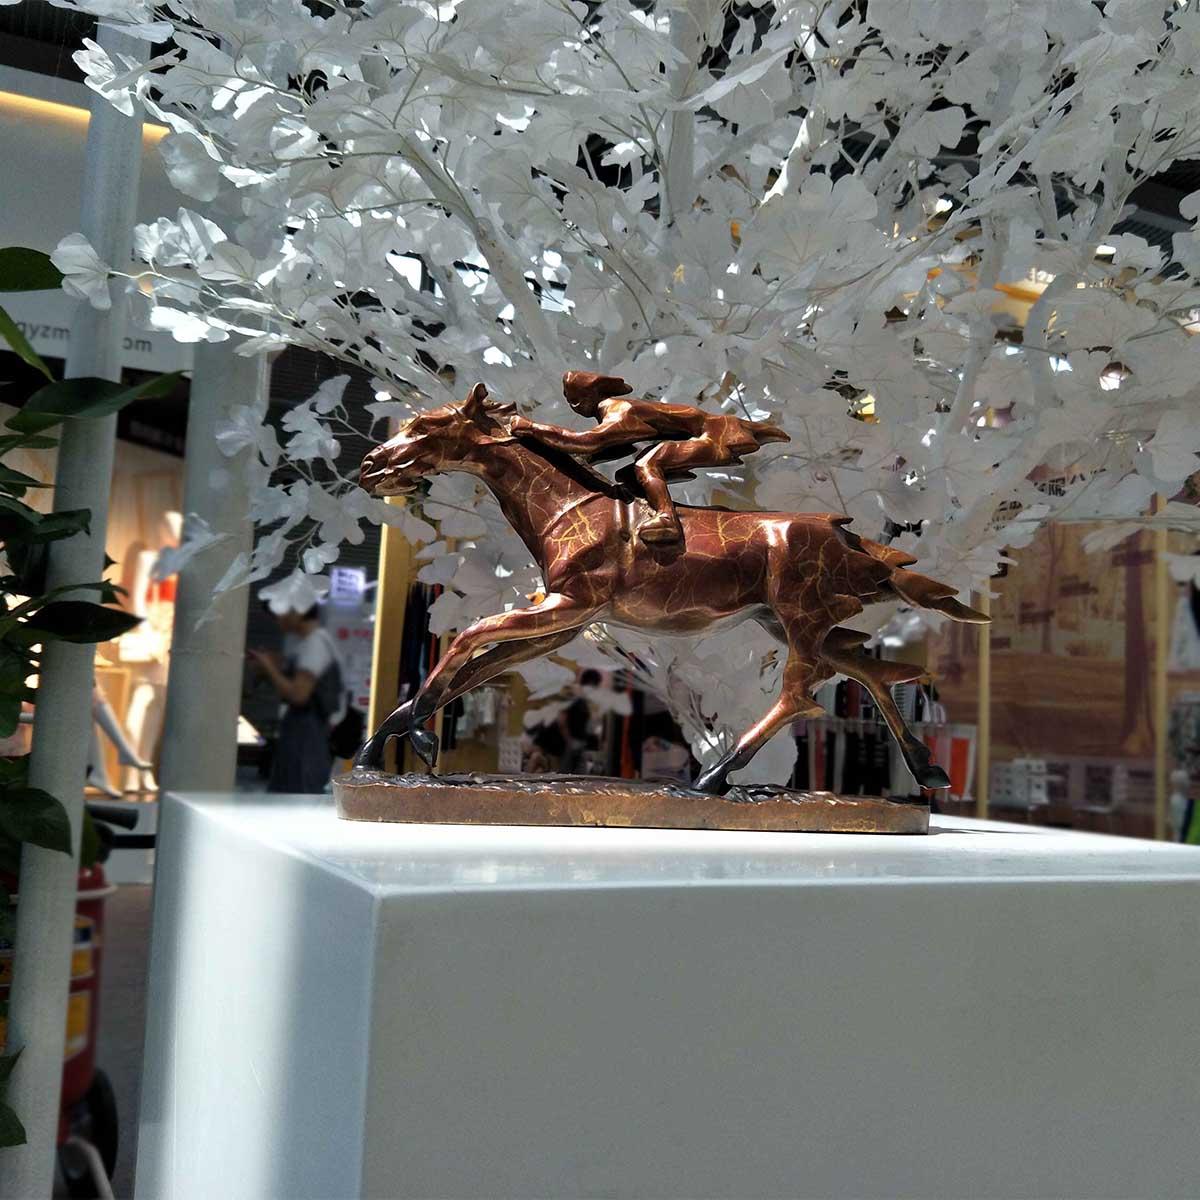 Оригинальный дизайн животных скачки современный Скульптура бронза Скульптура декоративные аксессуары для дома номер животного Скульптур